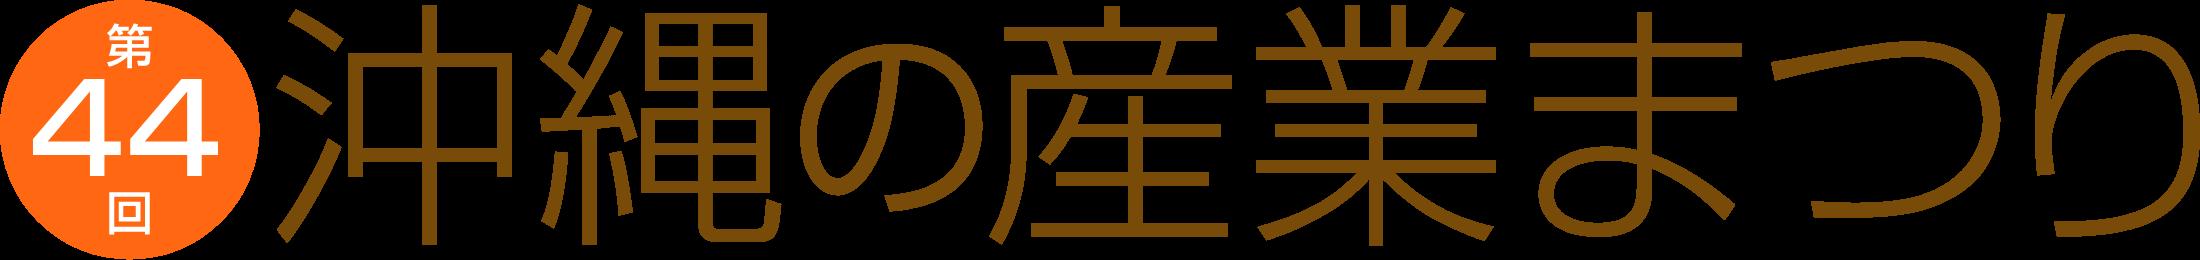 第44回沖縄の産業まつり